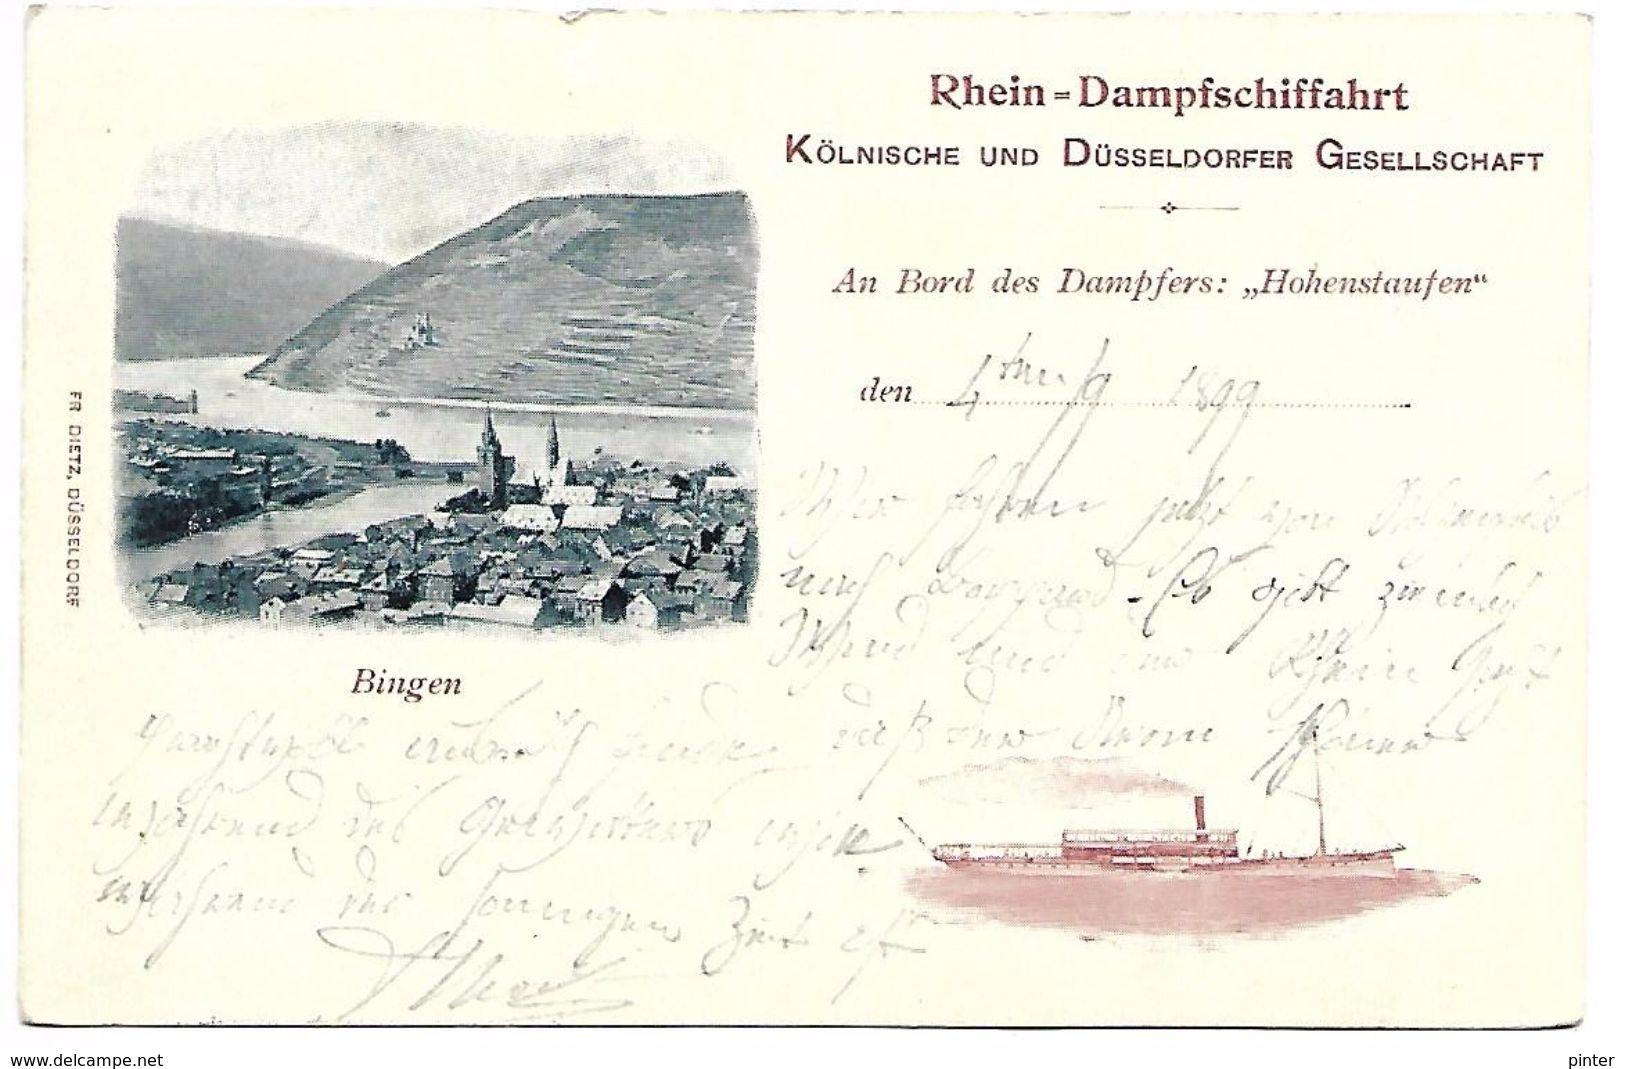 ALLEMAGNE - RHEIN-DAMPFSCHIFFAHRT - Bingen - Carte Voyagée En 1899 - Allemagne